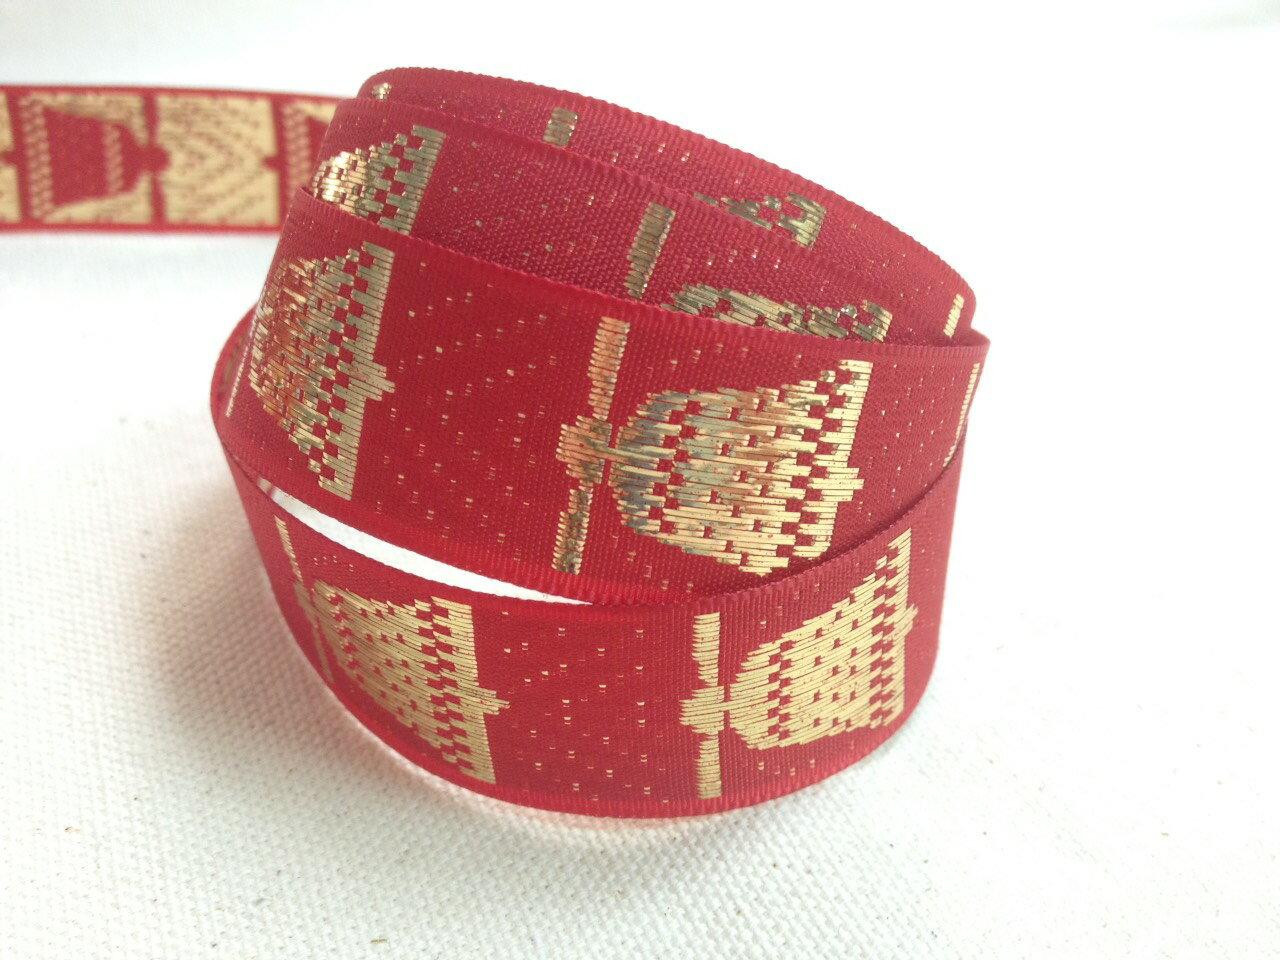 雪花大鈴鐺緹花緞帶 20mm 3碼裝 (3色) 0